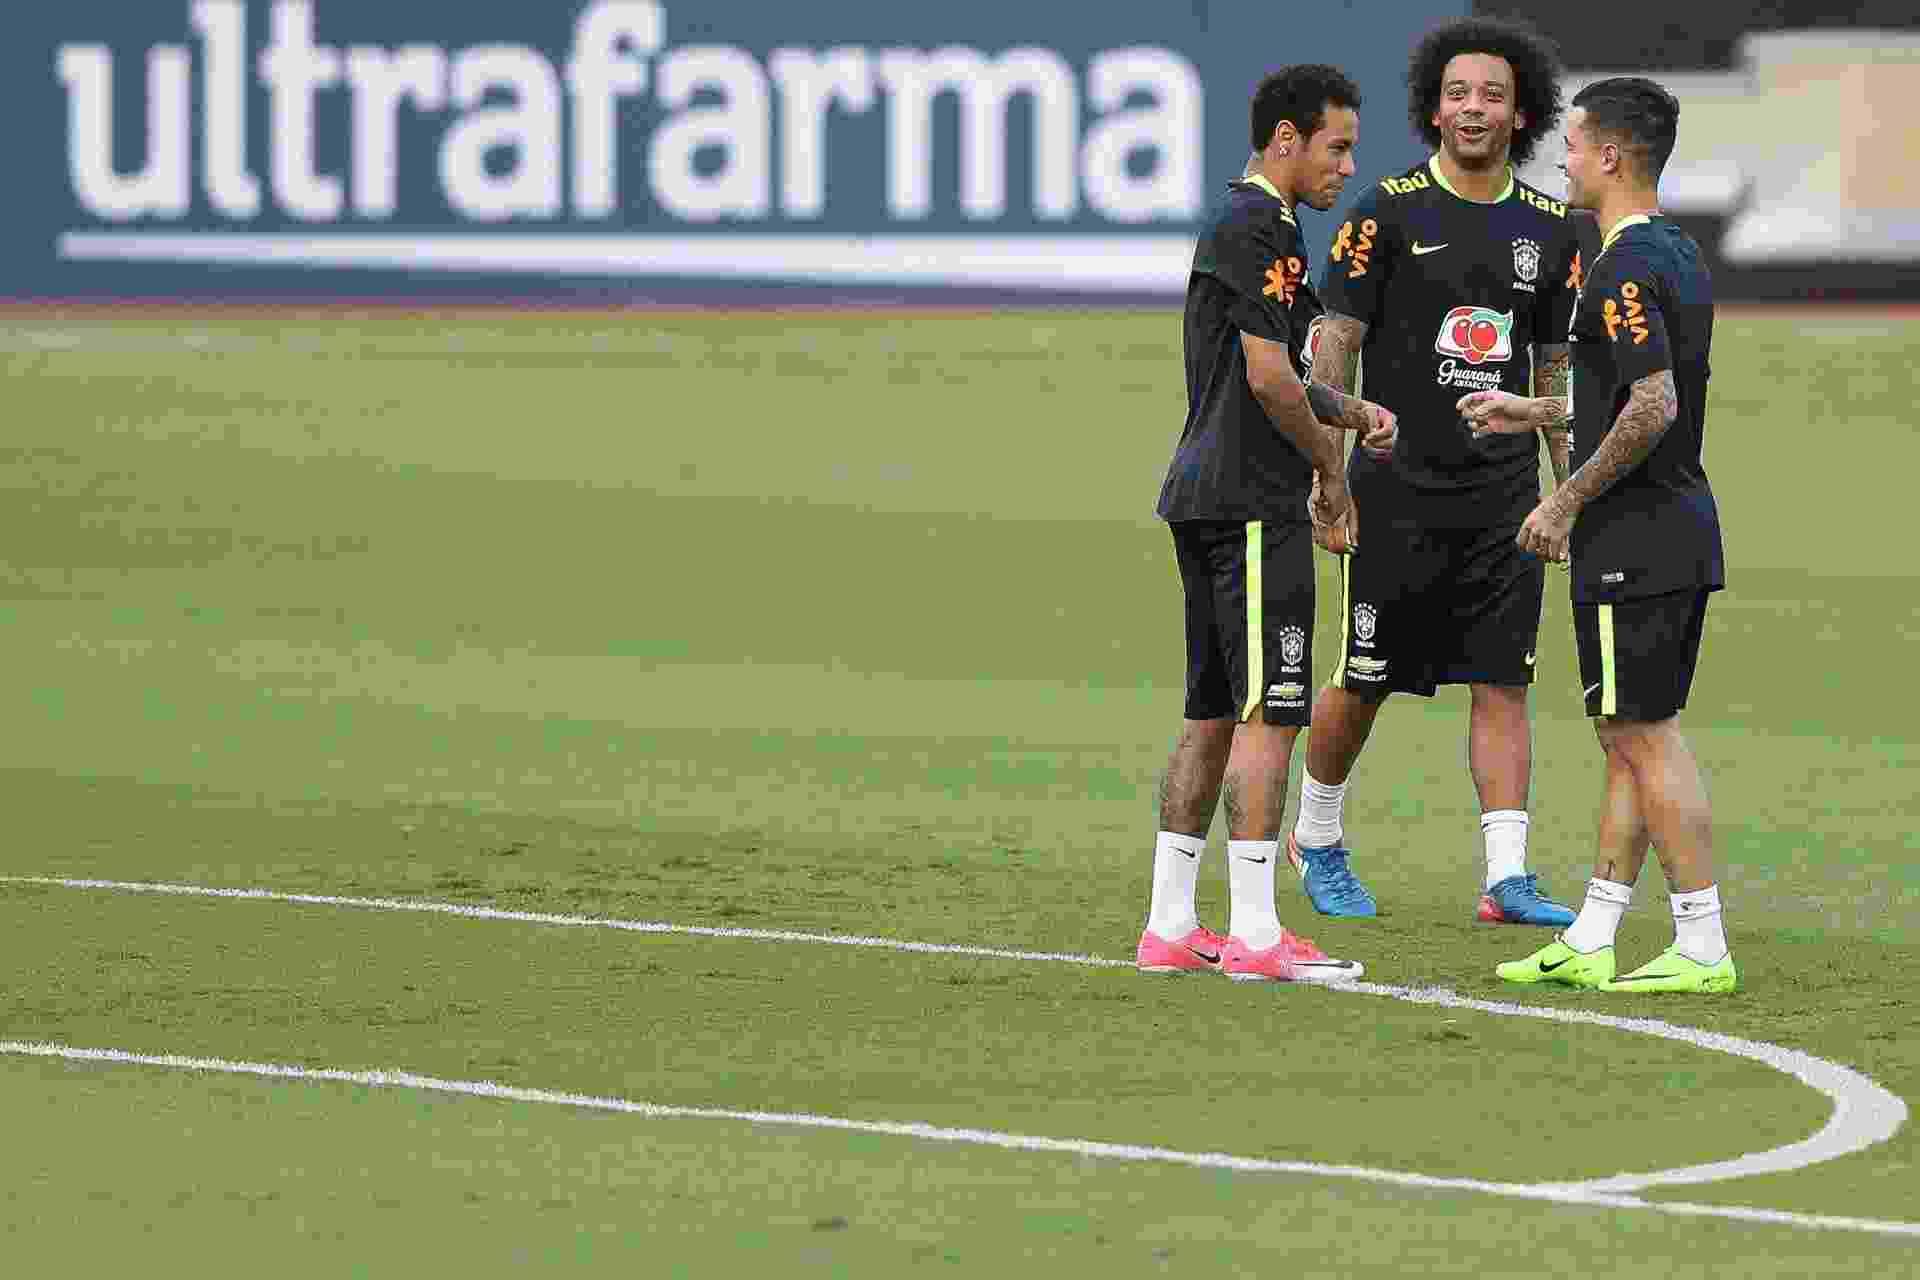 Neymar, Marcelo e Coutinho brincam durante treino da seleção no Morumbi - Pedro Martins / MoWa Press